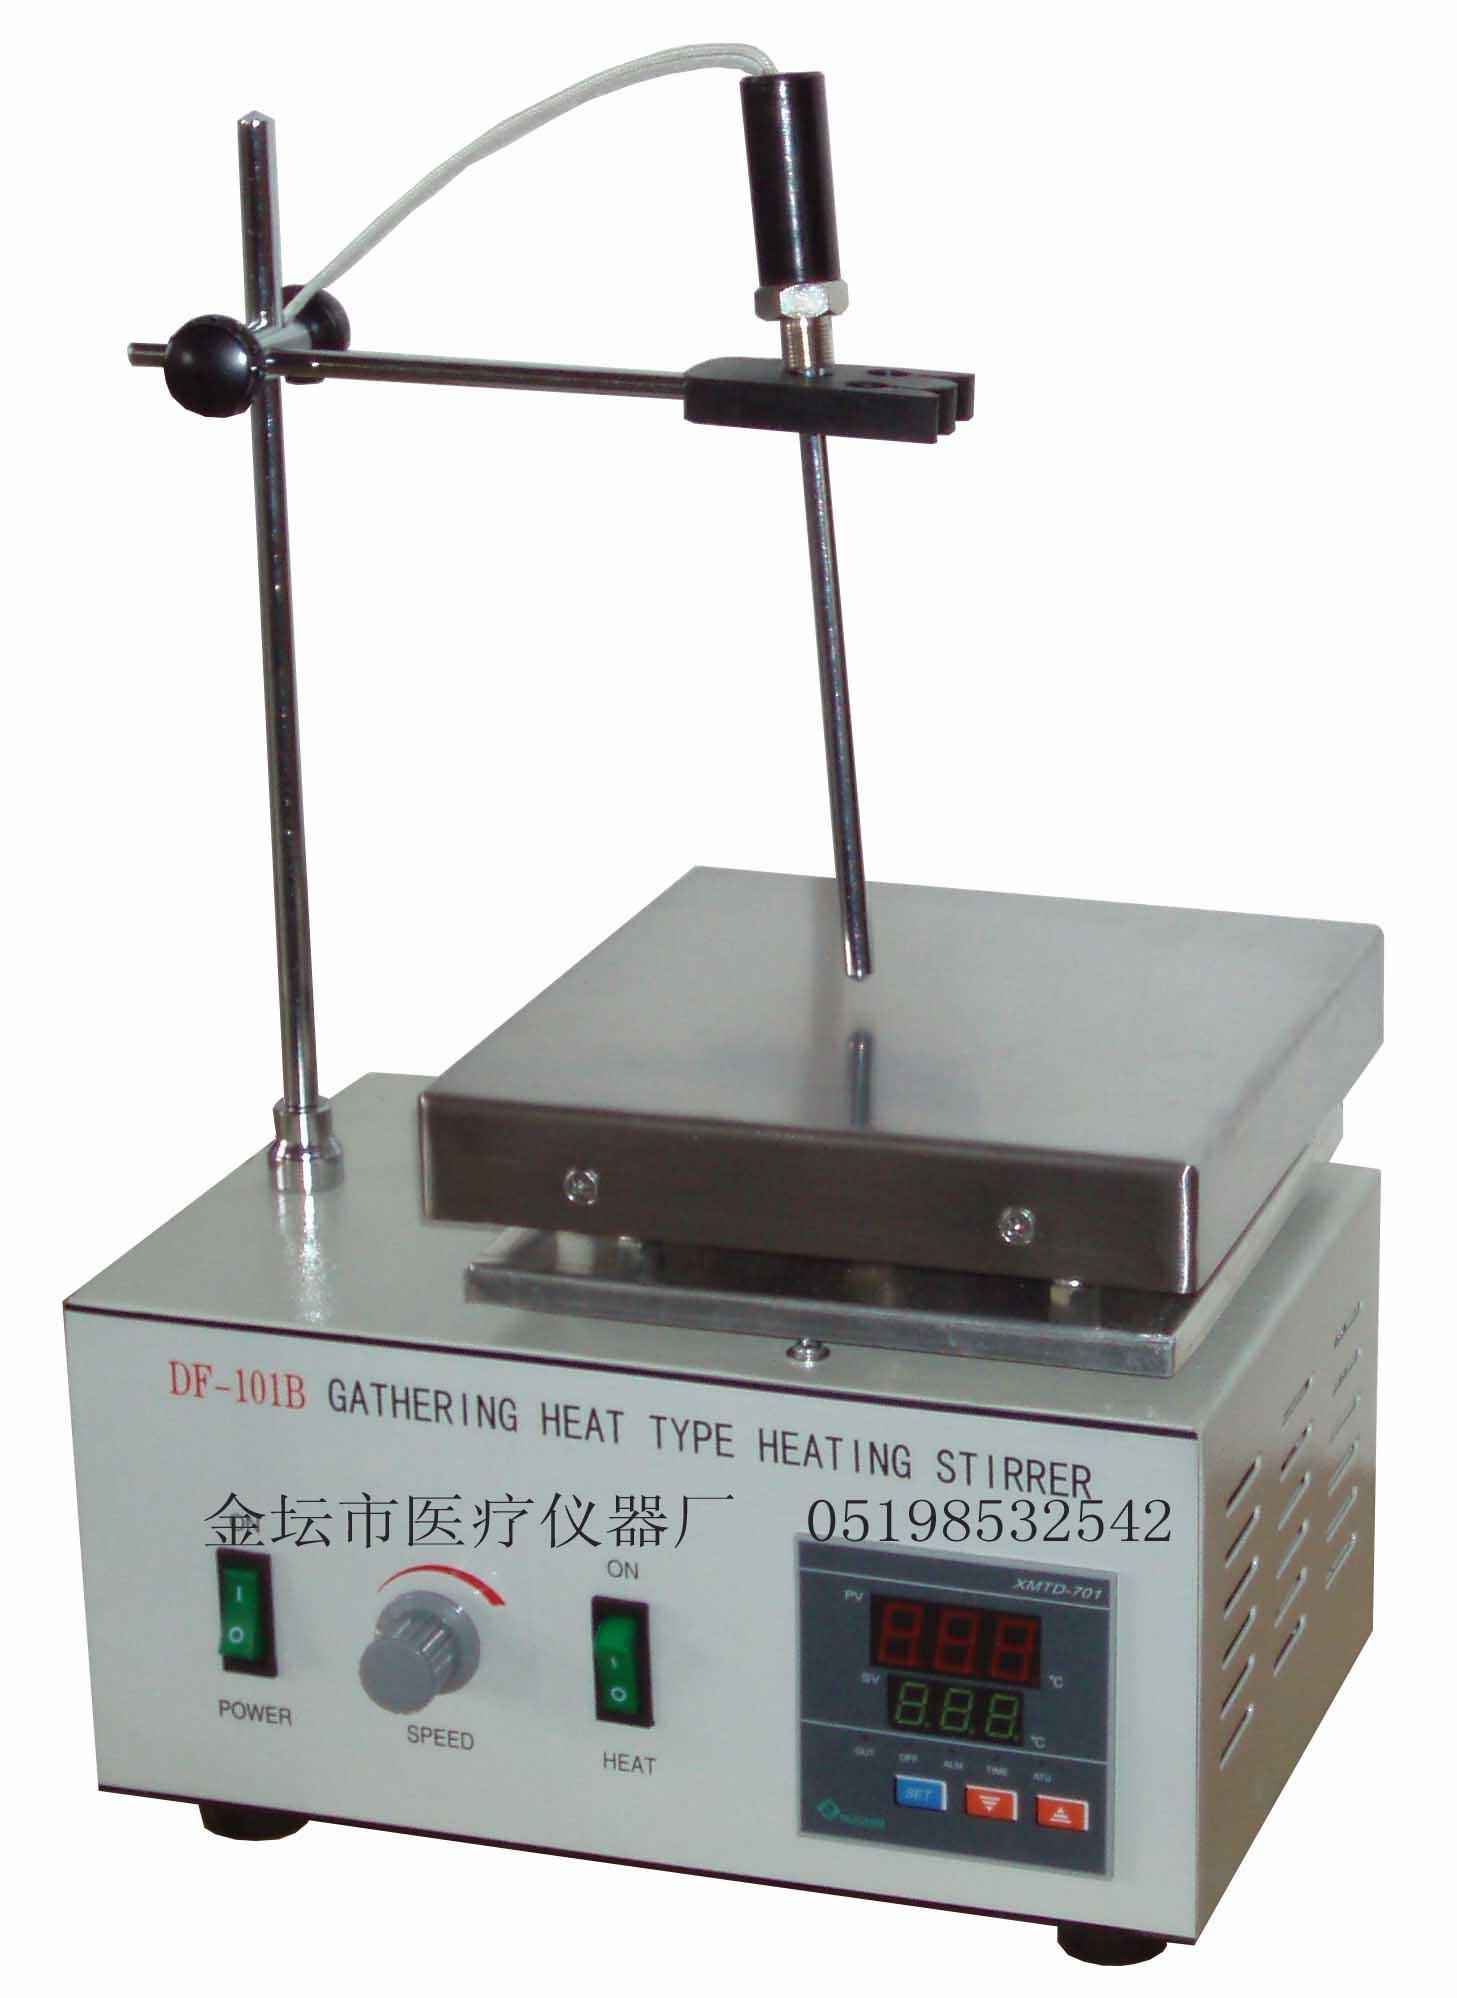 江苏金坛DF-101B集热式磁力搅拌器